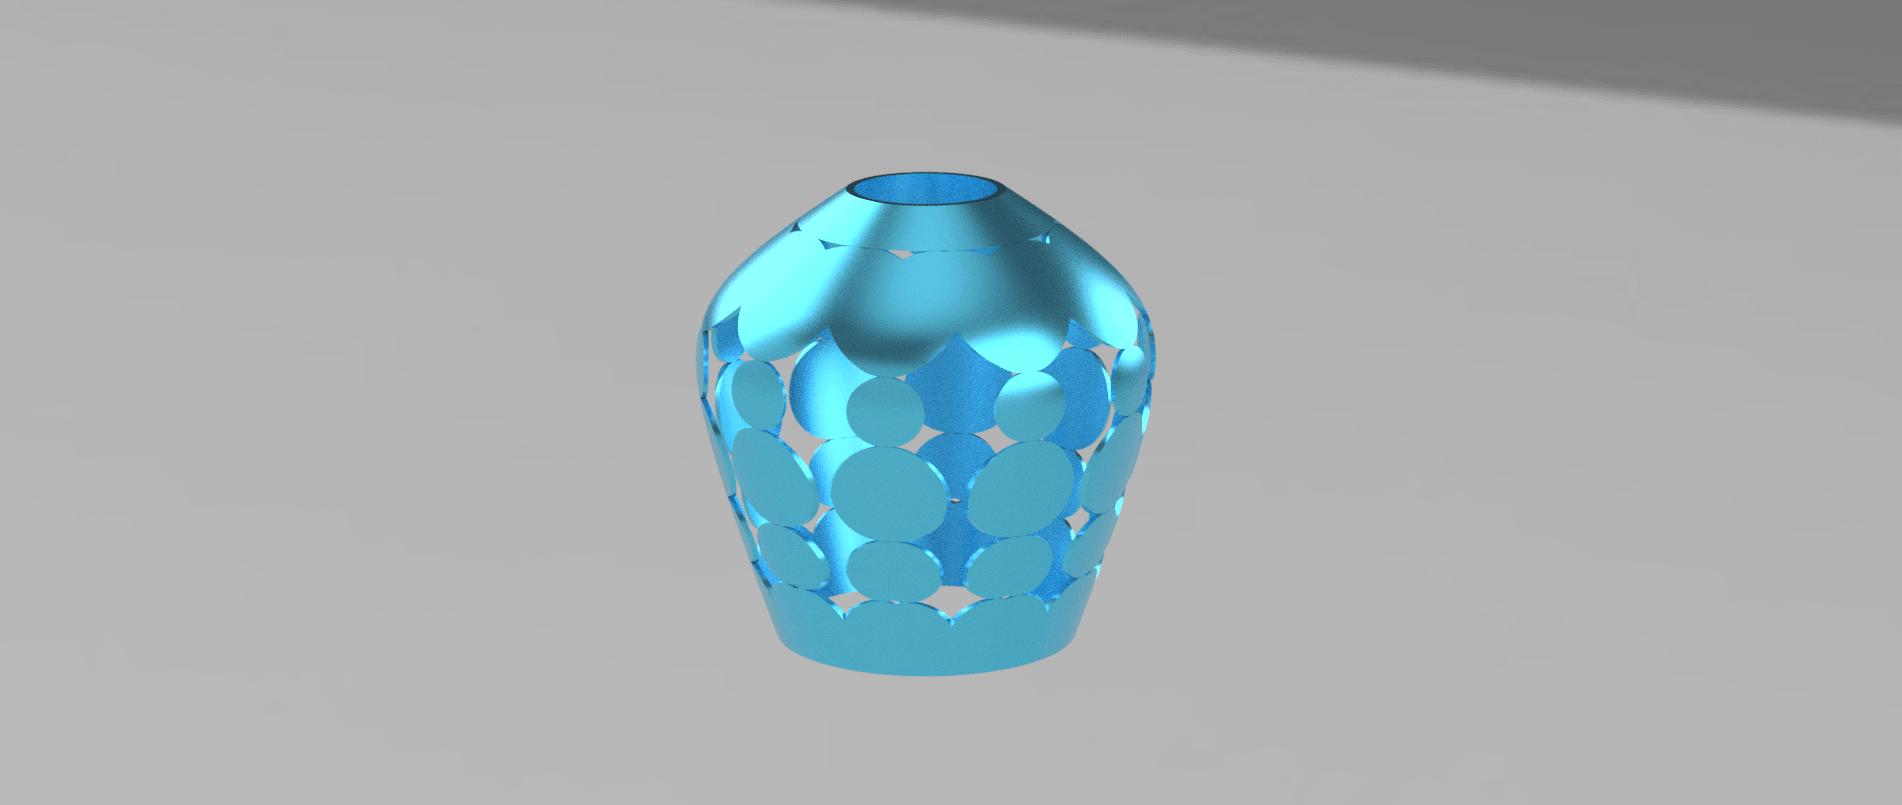 BULLEBAJOUR.png Download STL file bubble lamp shade • 3D printing design, motek